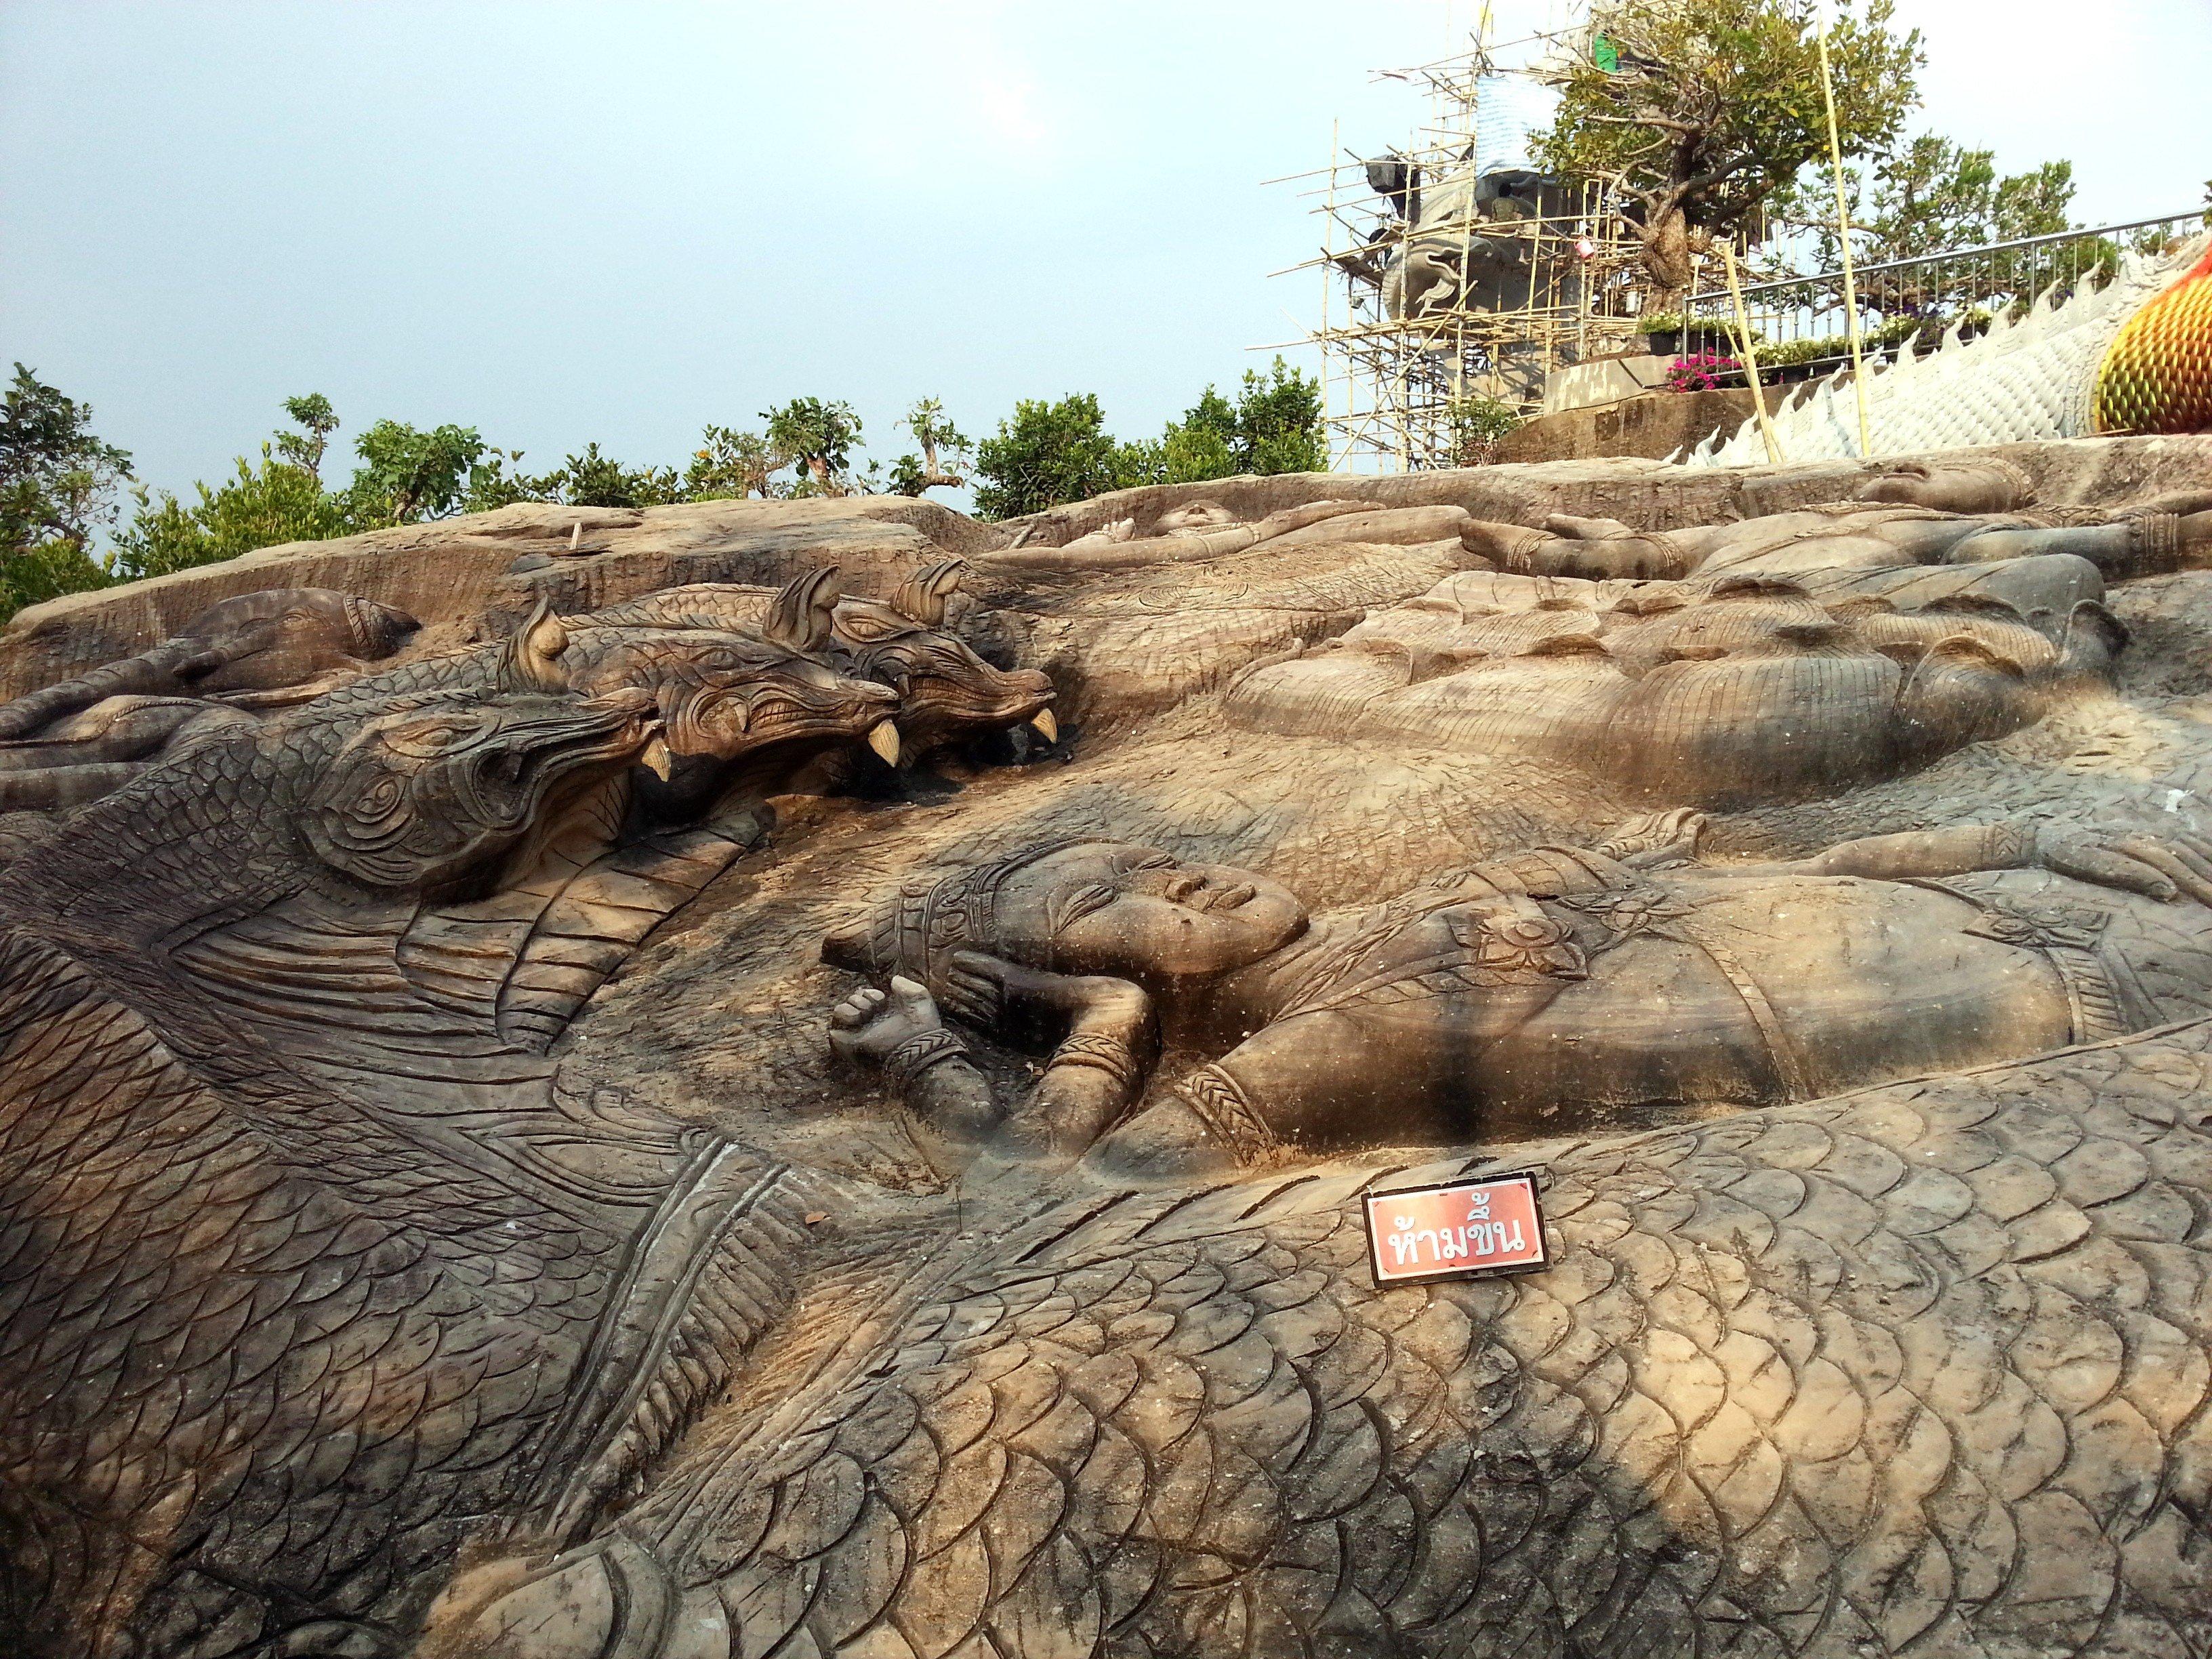 Rock carvings at Wat Tham Pha Daen